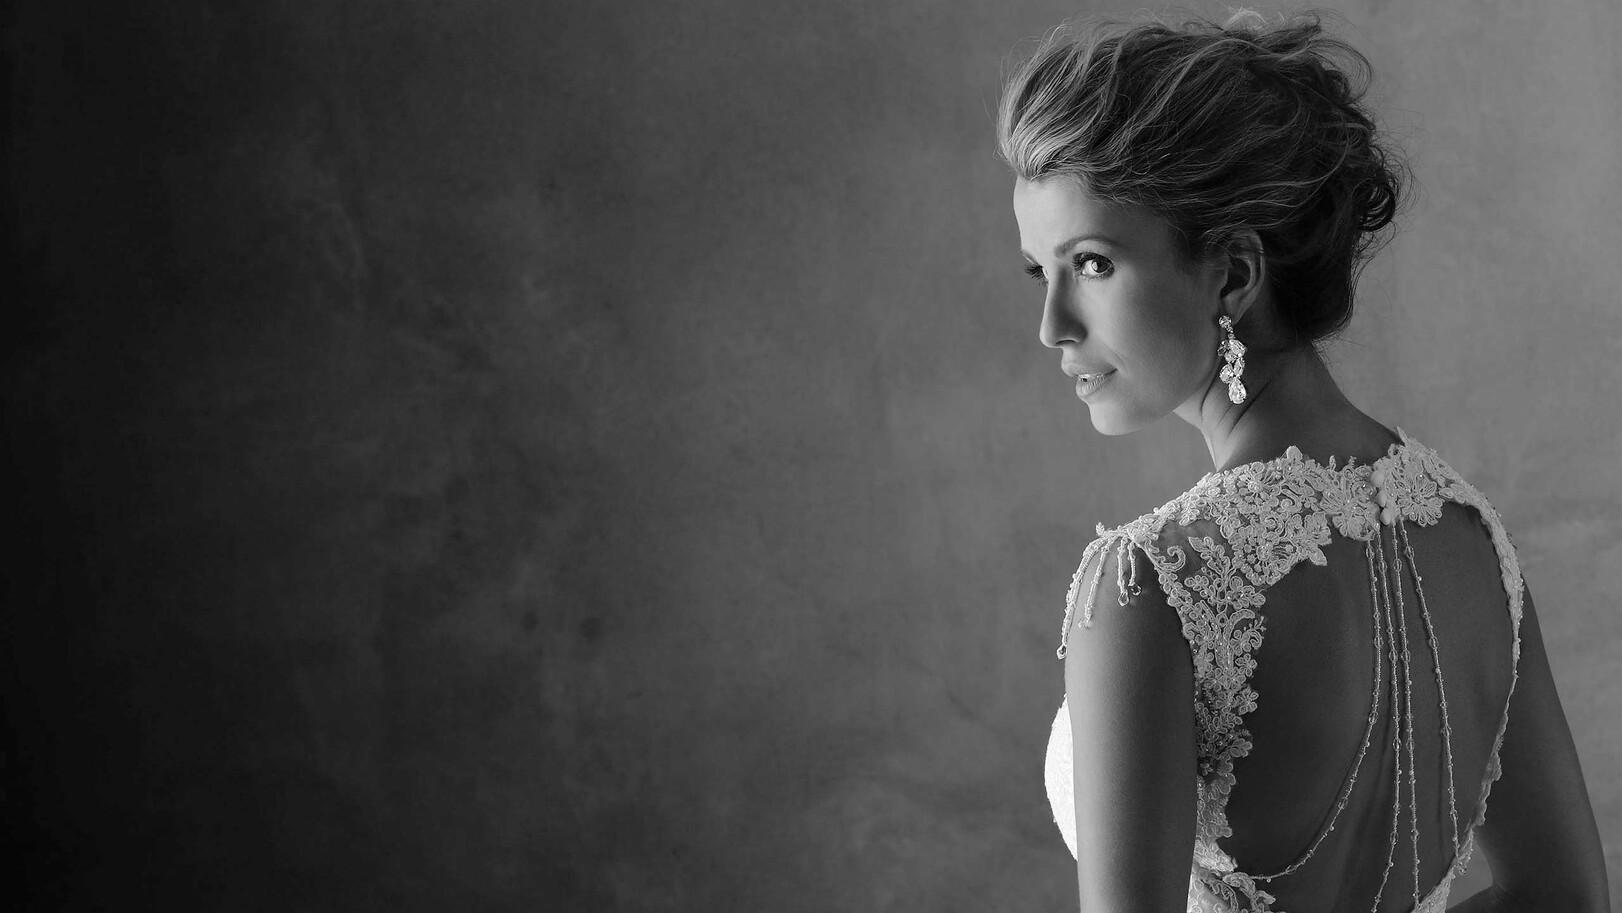 Brautkleid,Eheringe,Hochzeit,Trauringe,Schuhe,Hochzeitskleid ...